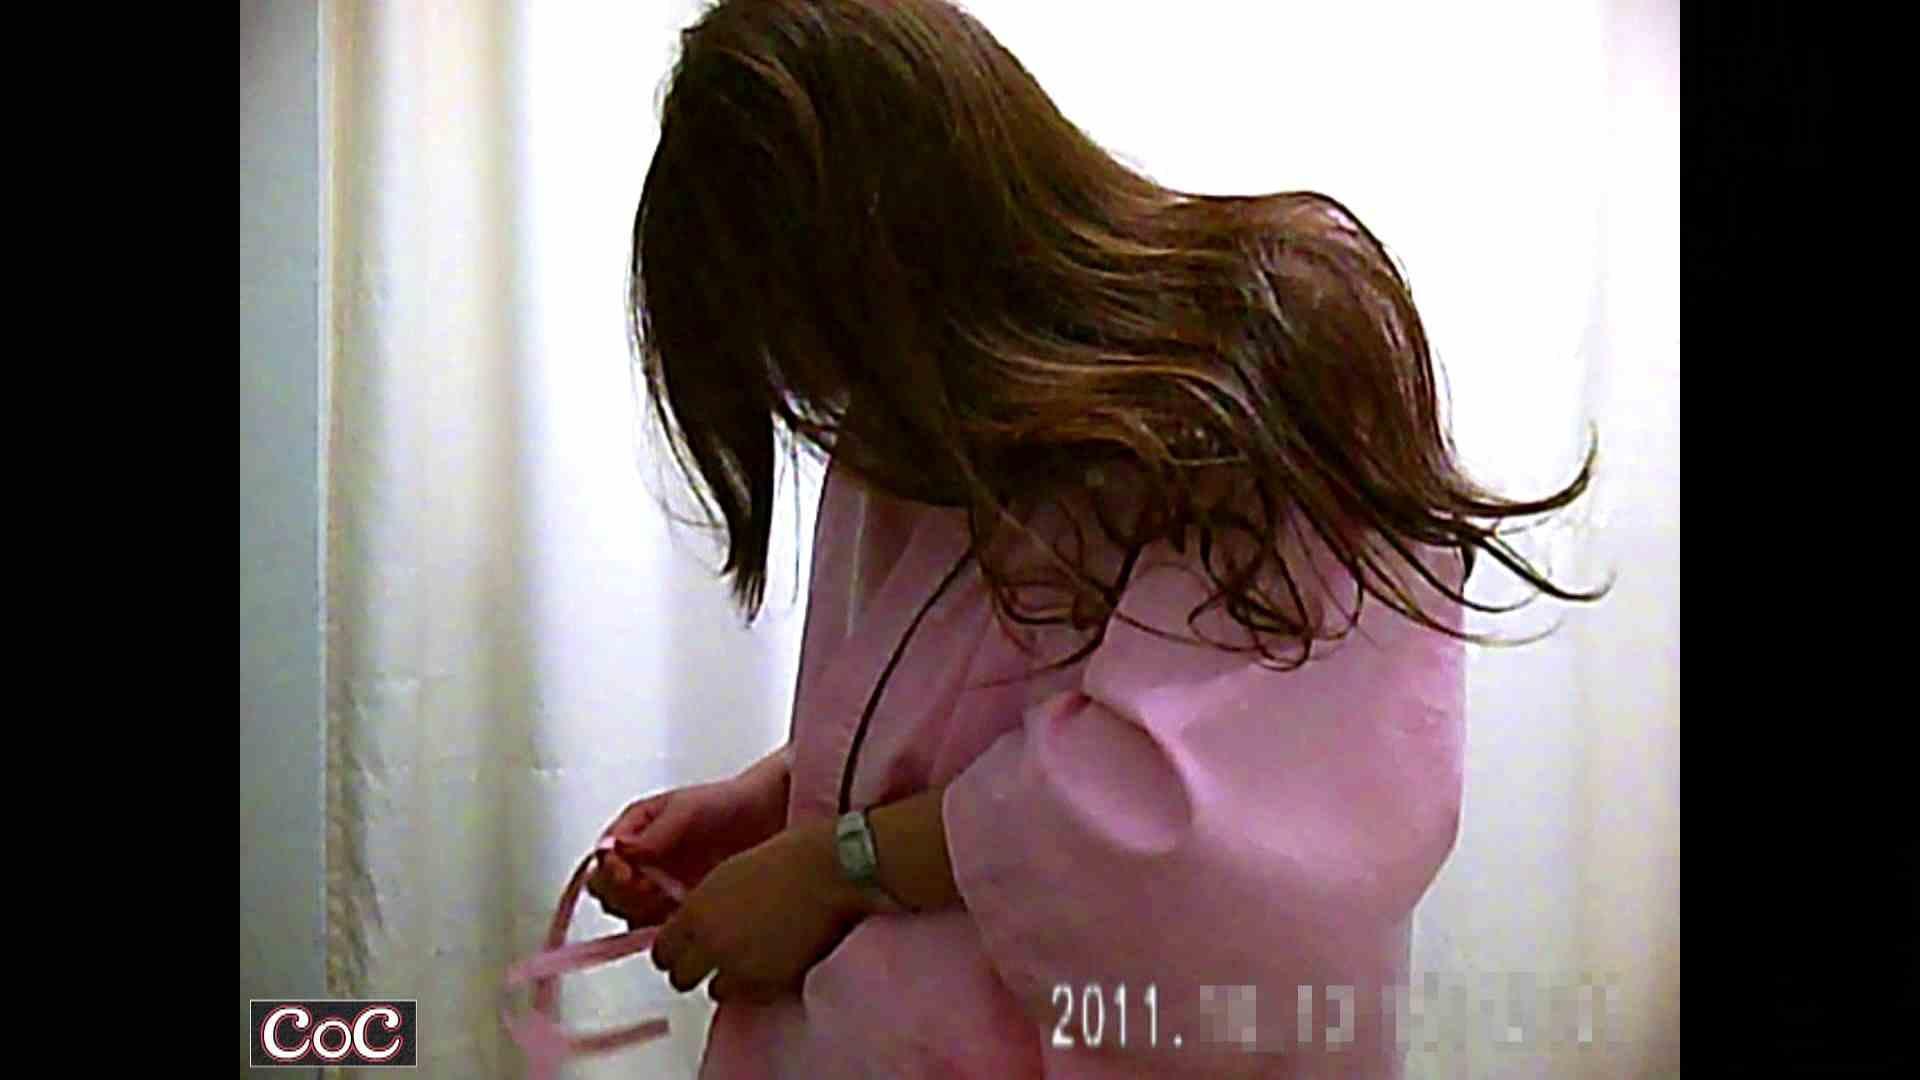 病院おもいっきり着替え! vol.58 おっぱい 隠し撮りオマンコ動画紹介 105PIX 73